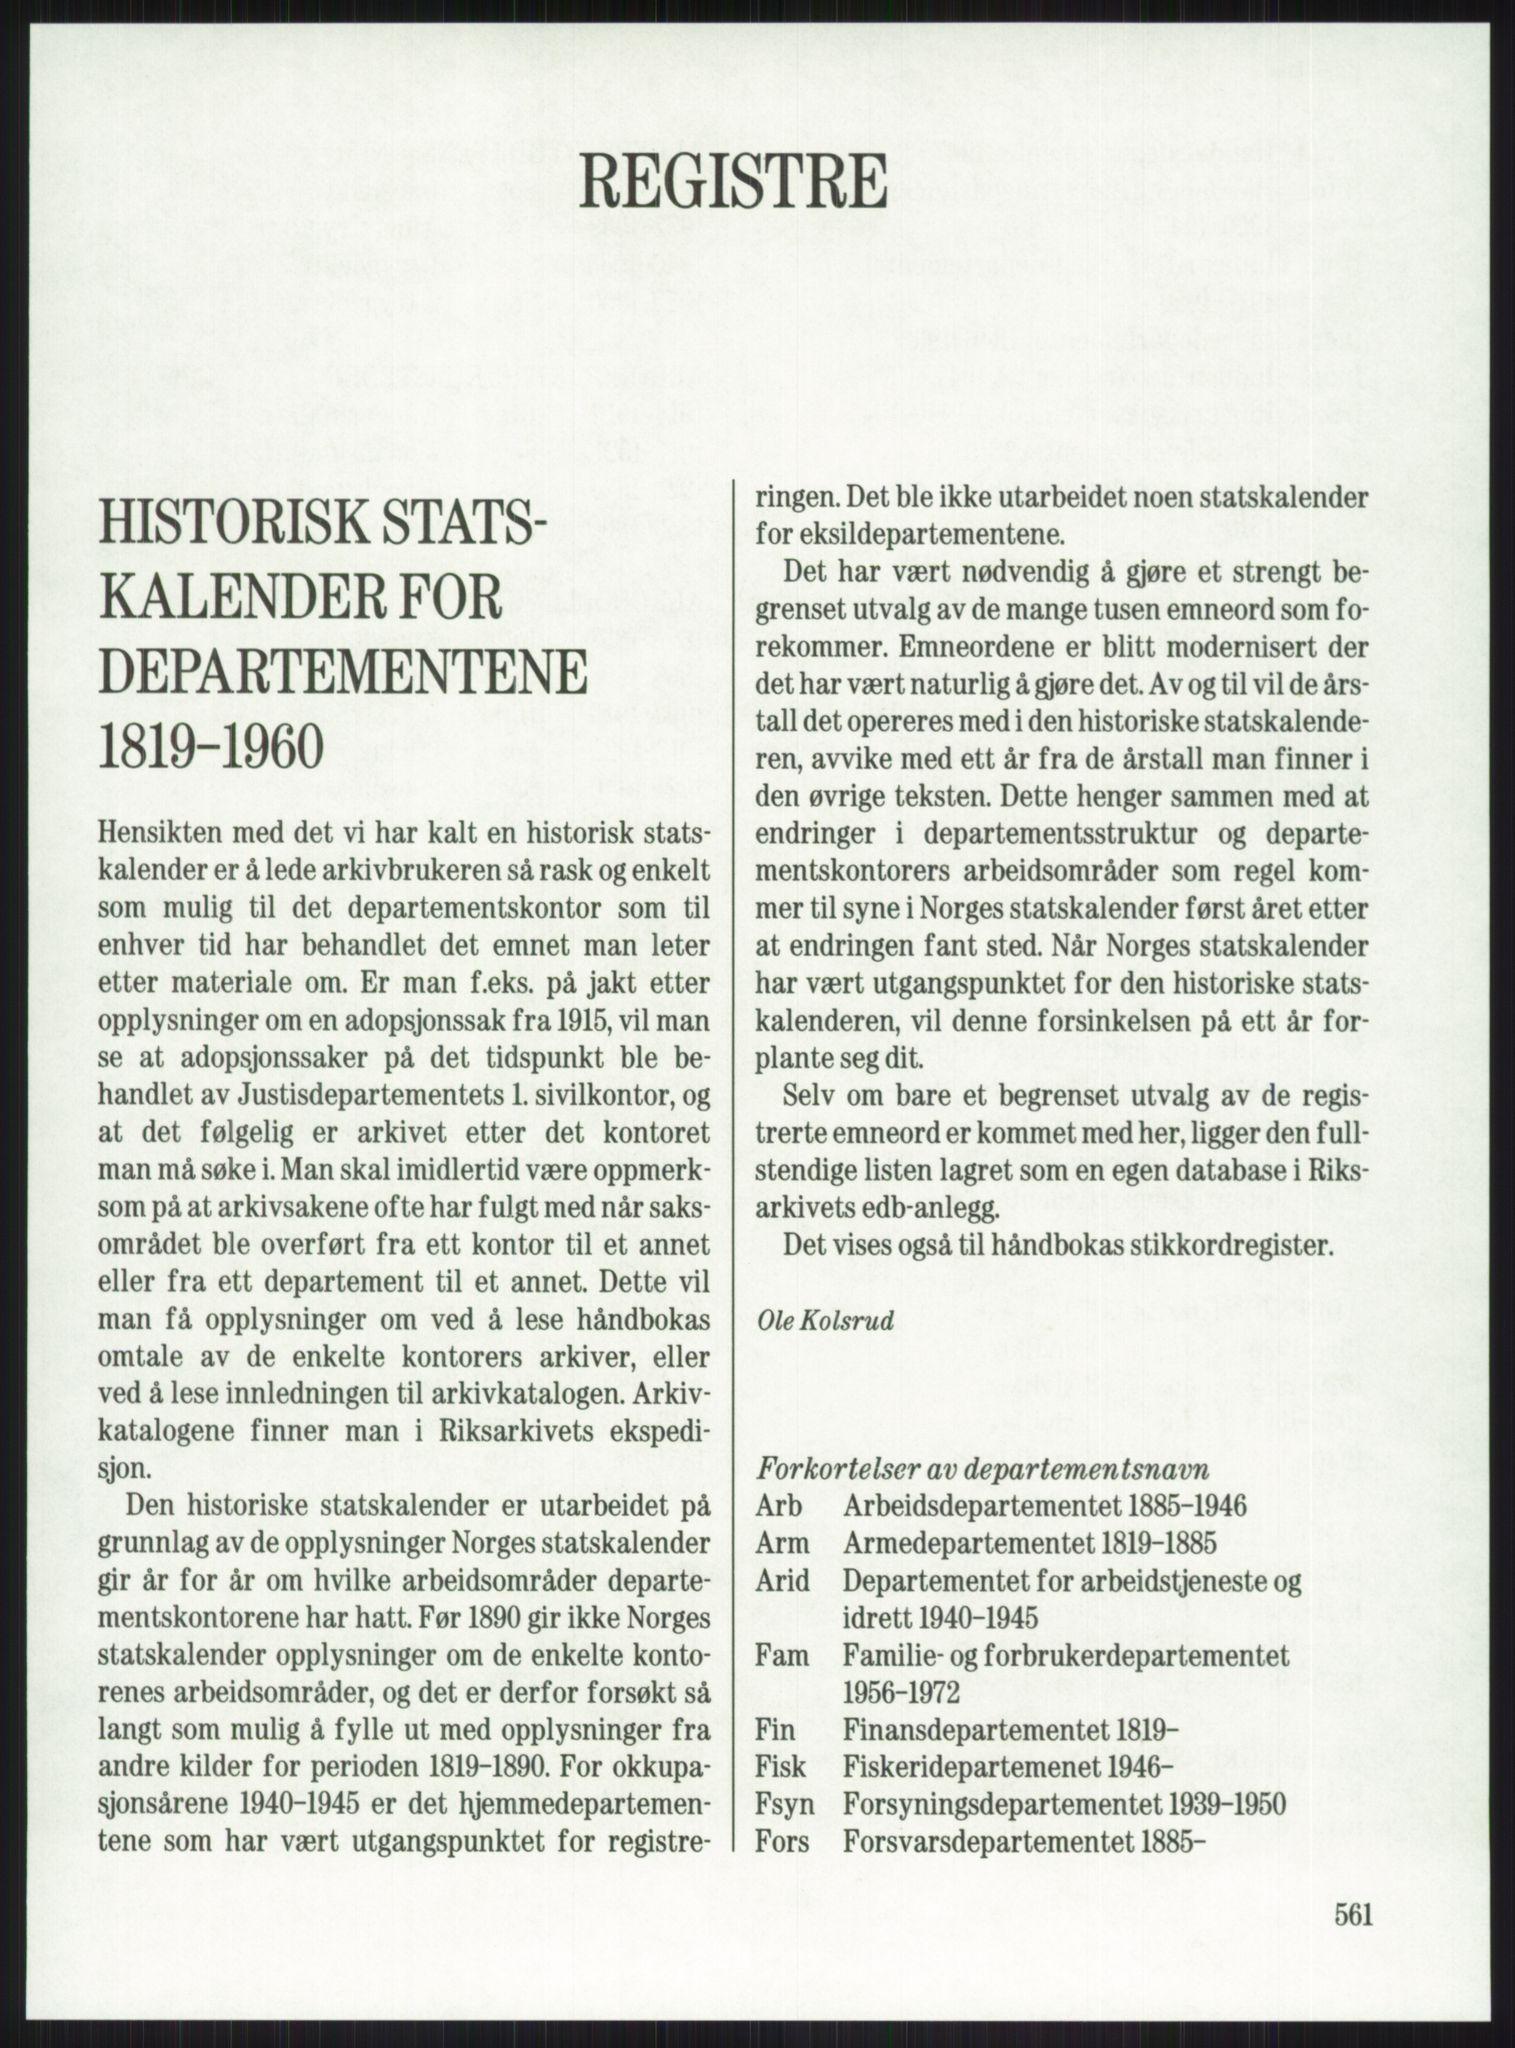 RA, Publikasjoner*, 1974-1977, s. 561